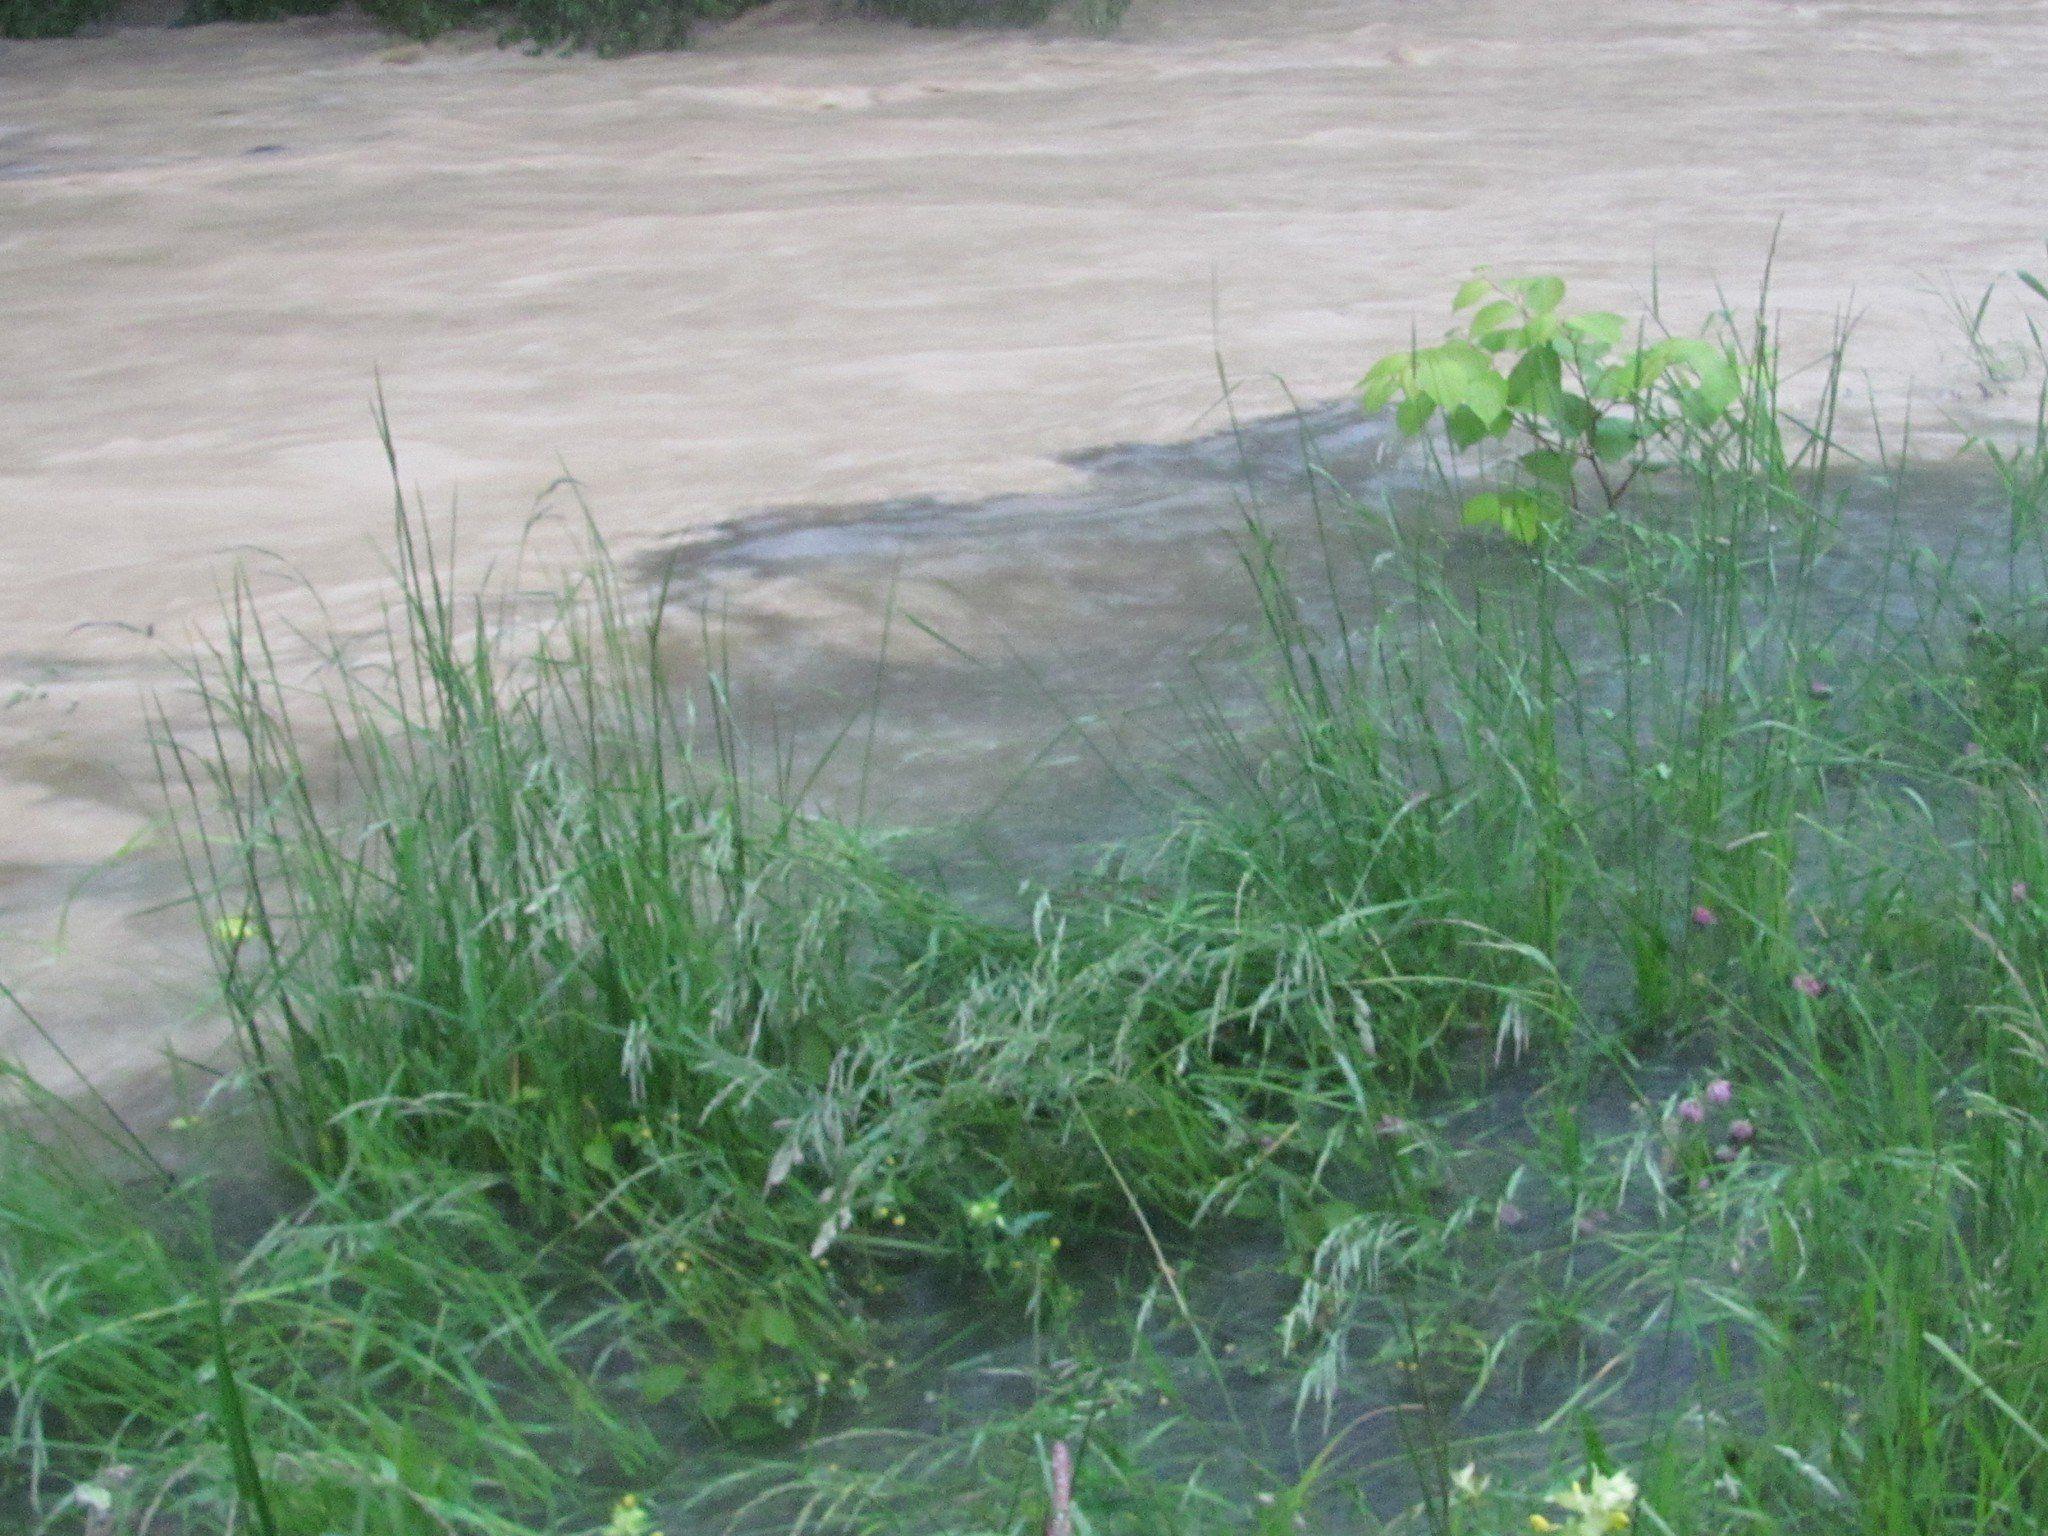 Dieses Foto soll Kanalwasser zeigen, das in die Leiblach einfließt (dunkle Flüssigkeit).